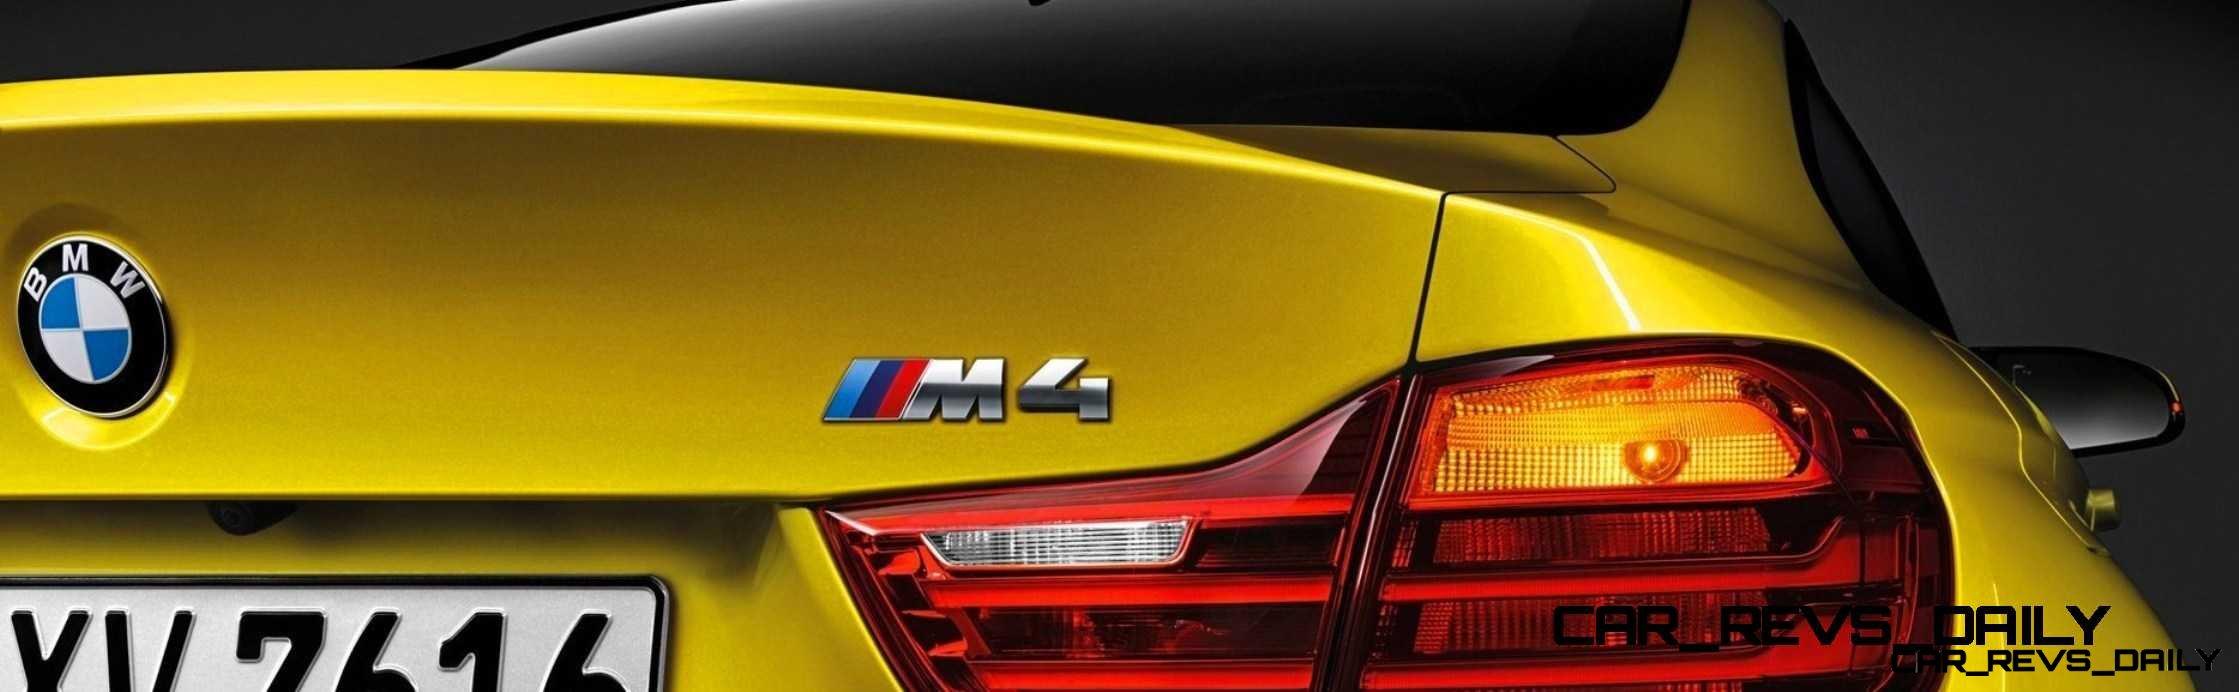 186mph 2014 BMW M4 Screams into Focus 35